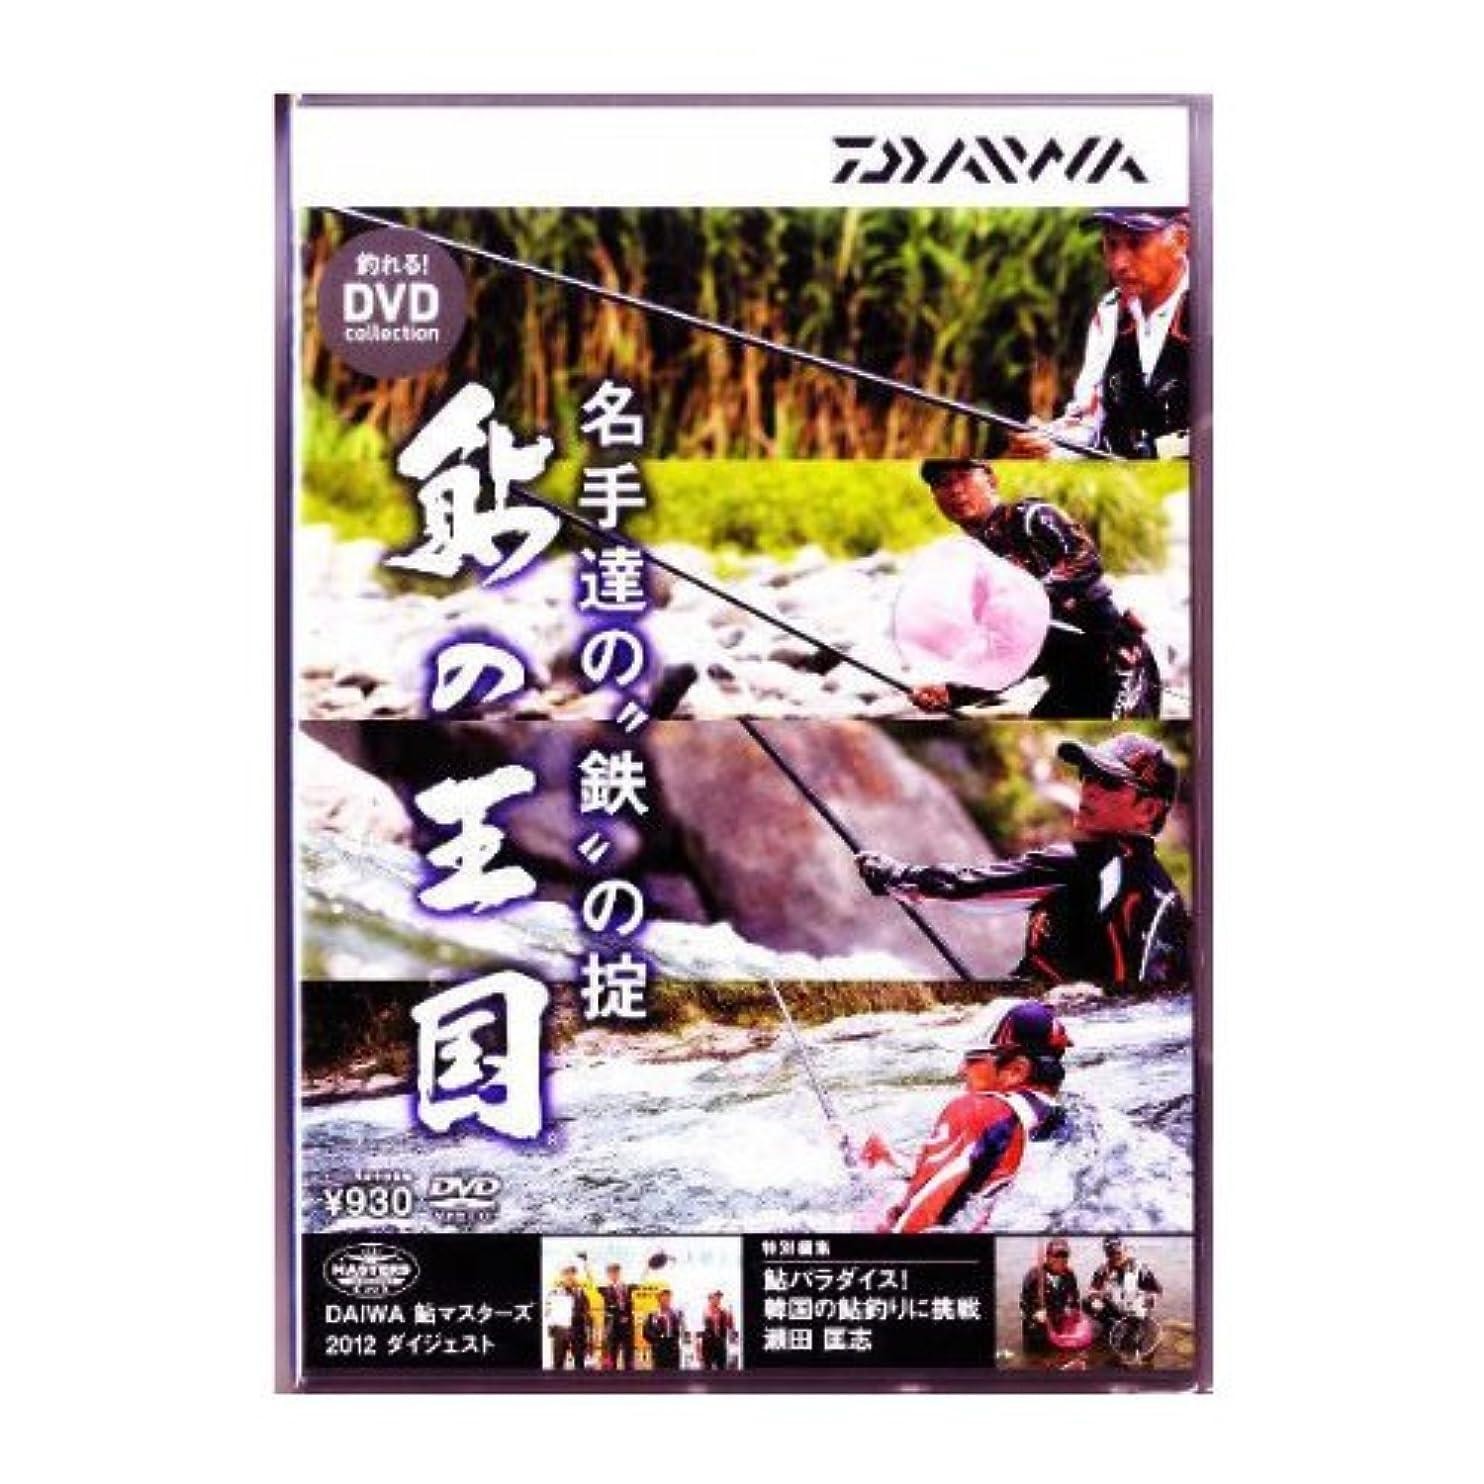 家禽アジア人快適ダイワ 鮎の王国 DVD 名手達の鉄の掟